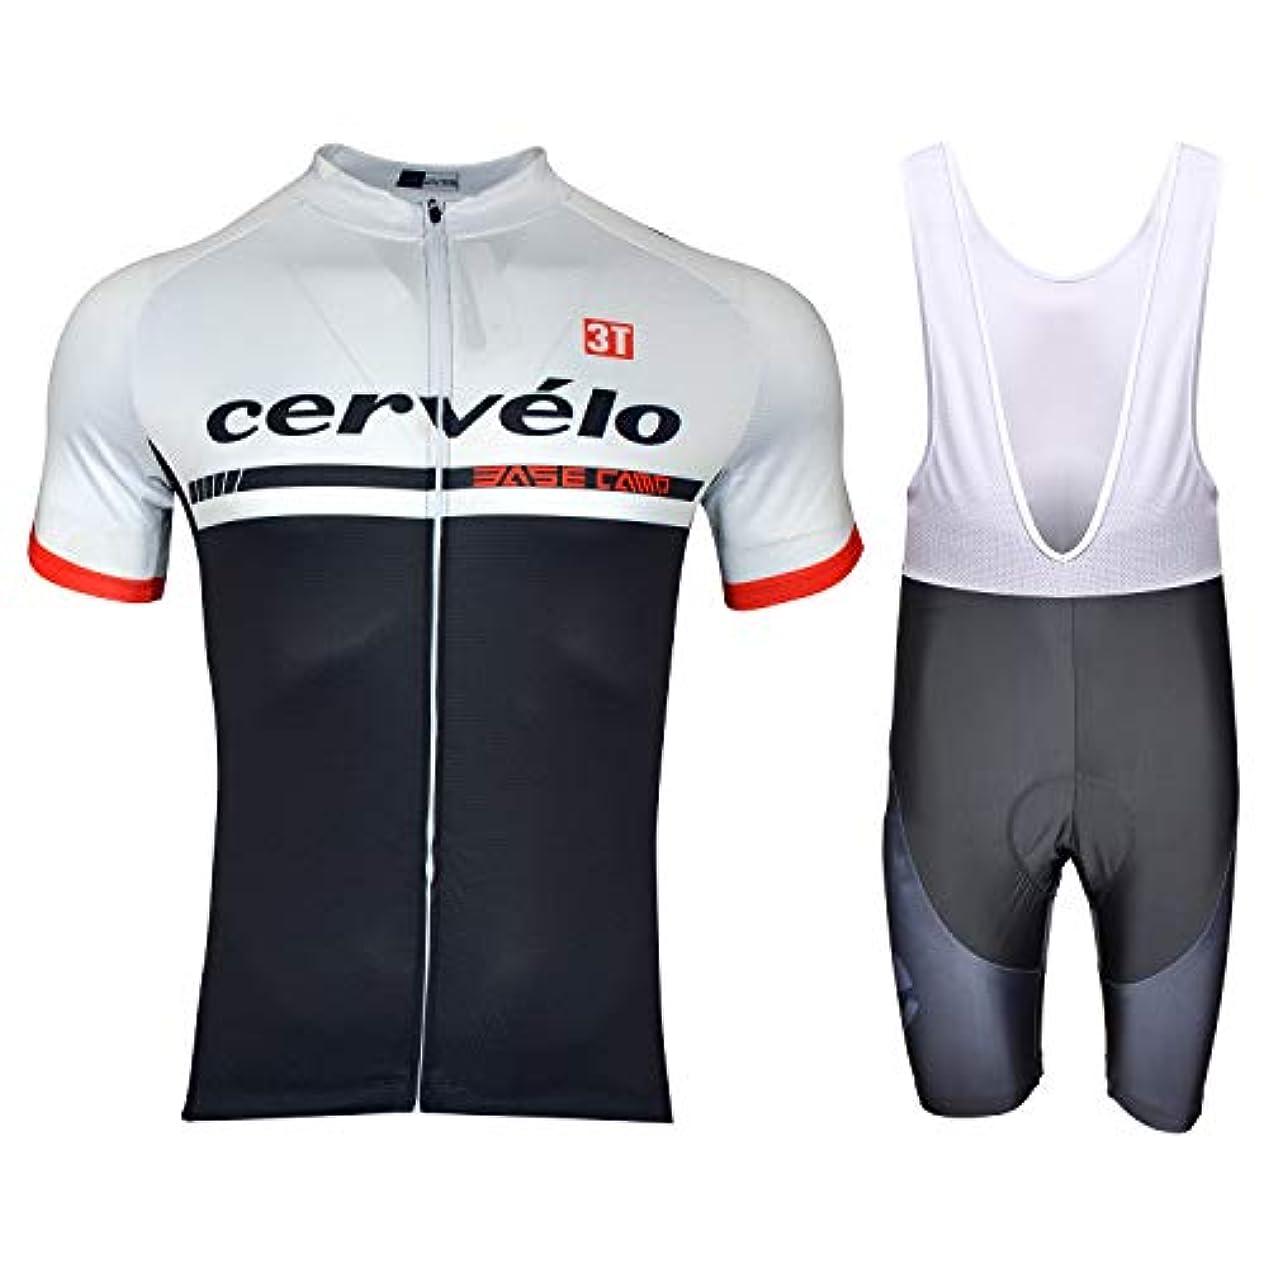 寄託調べるレンダリングThriller Rider Sports MN9026 サイクルジャージ メンズ MTB男性2019自転車運動服装半袖 Mountain Bike Short Sleeve Cycling Jersey Bike Tshirt